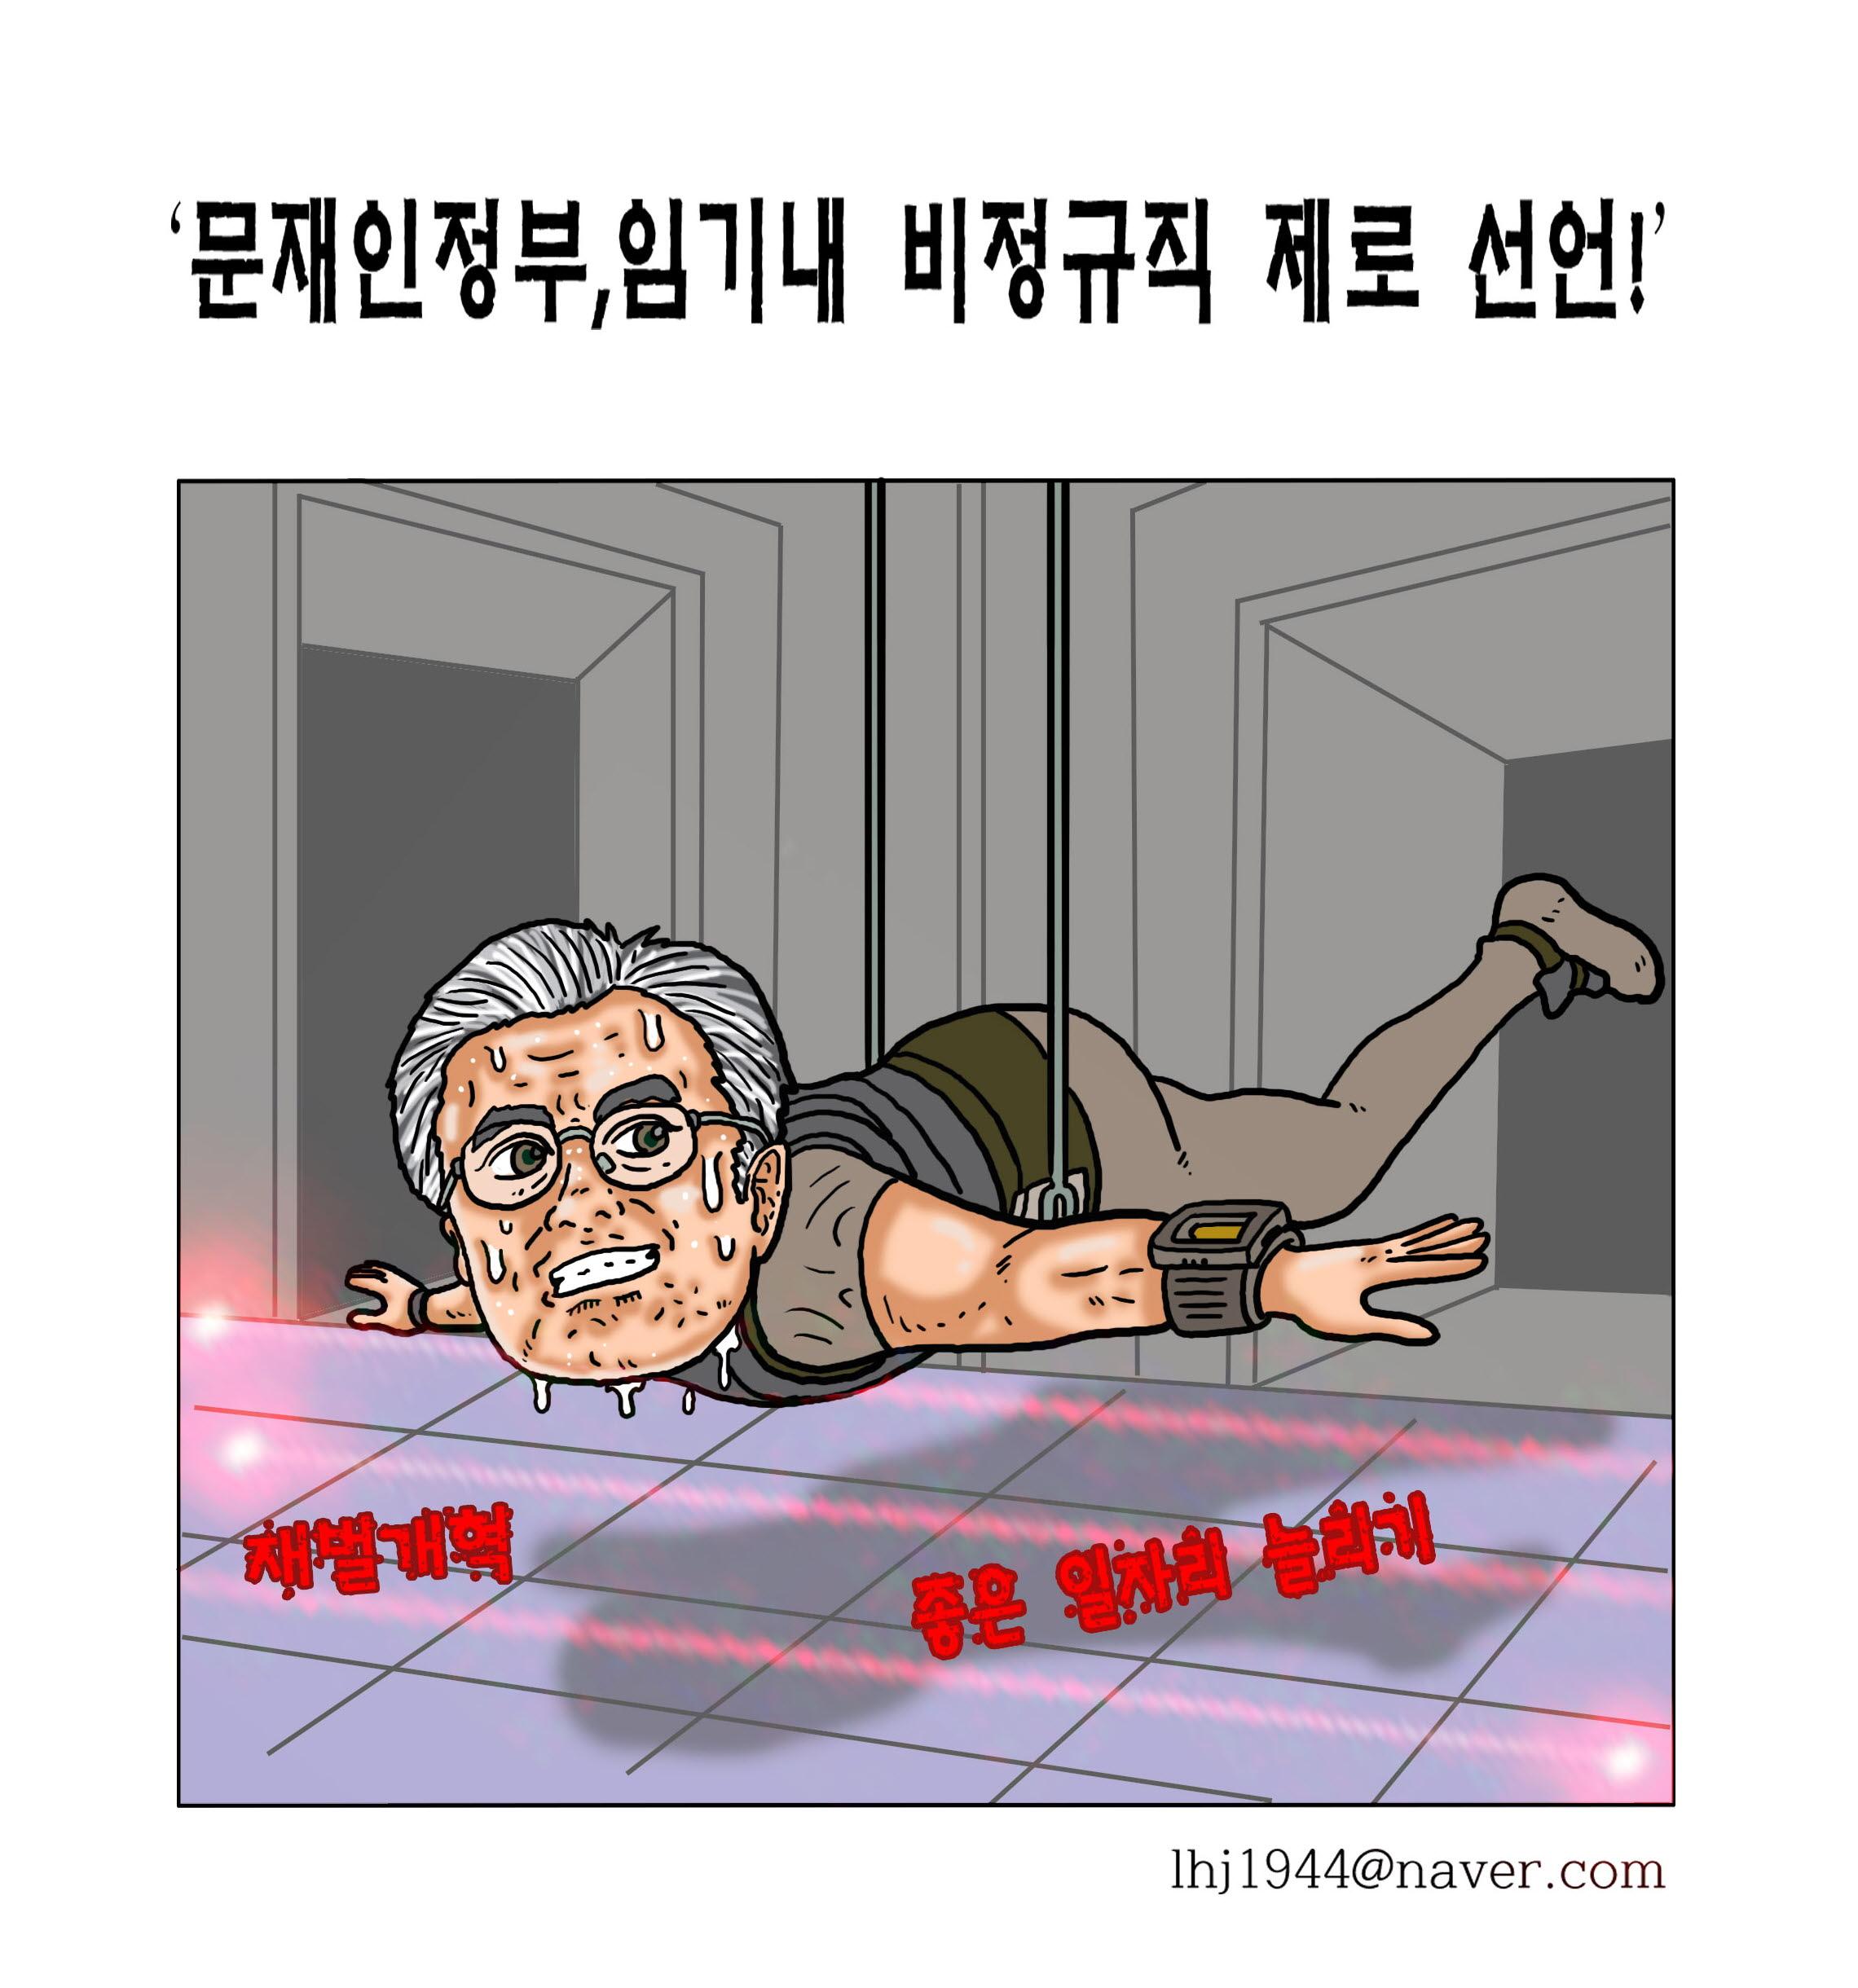 만화로보는세상.jpg